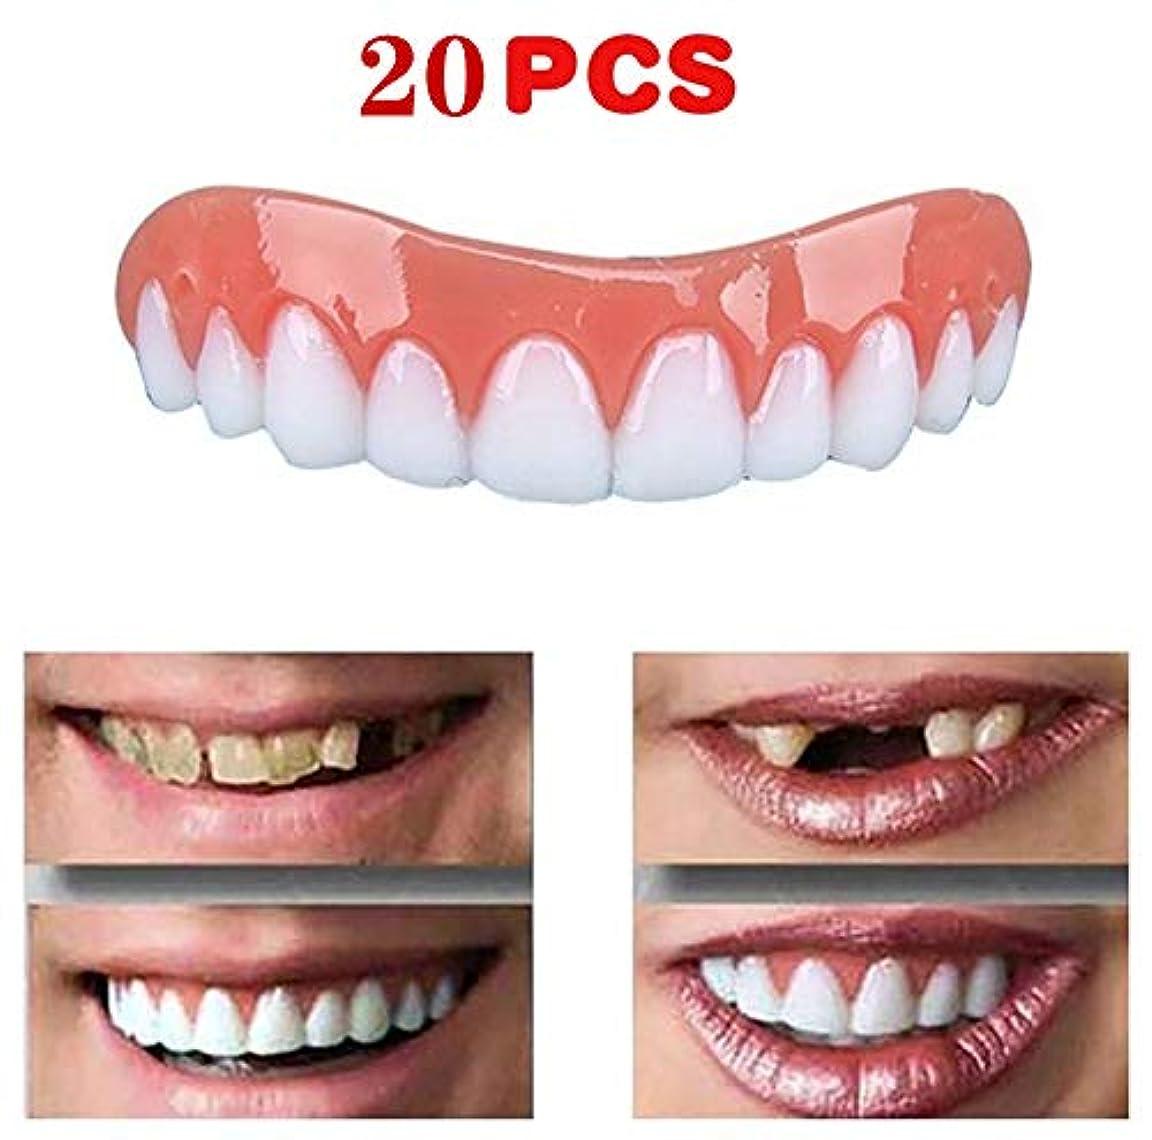 することになっている八百屋認知新しい再利用可能な大人のスナップオンパーフェクトスマイルホワイトニング義歯フィットフレックス化粧品歯快適なベニアカバーデンタルケアアクセサリー